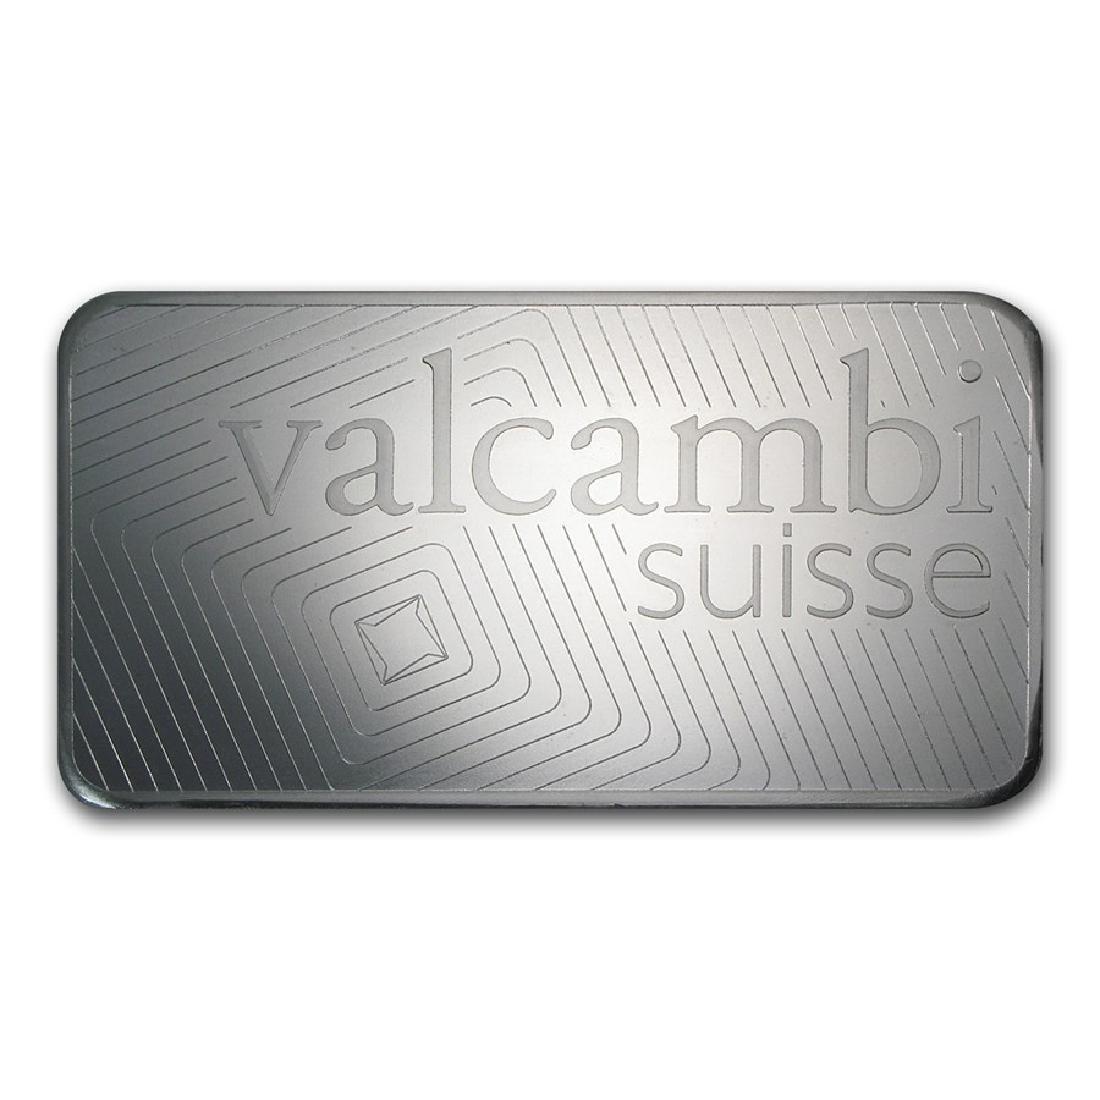 Genuine 1 kilo 0.999 Fine Silver Bar - Valcambi w/